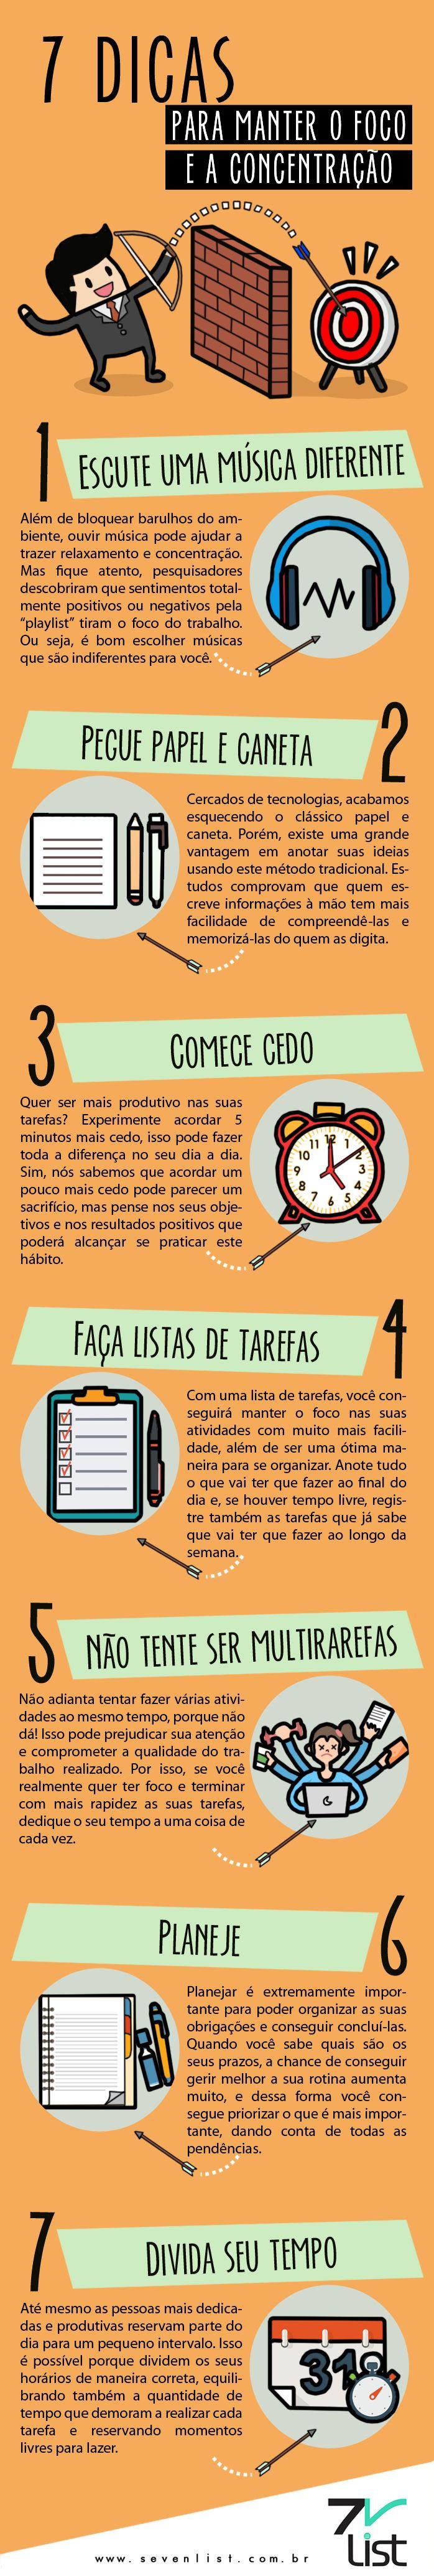 #Infográfico #Infographic #Design #Foco #Concentração #Organização #Música #Playlist #Papelecaneta #Tempo #Dicas #7dicas #Multitarefas www.sevenlist.com.br